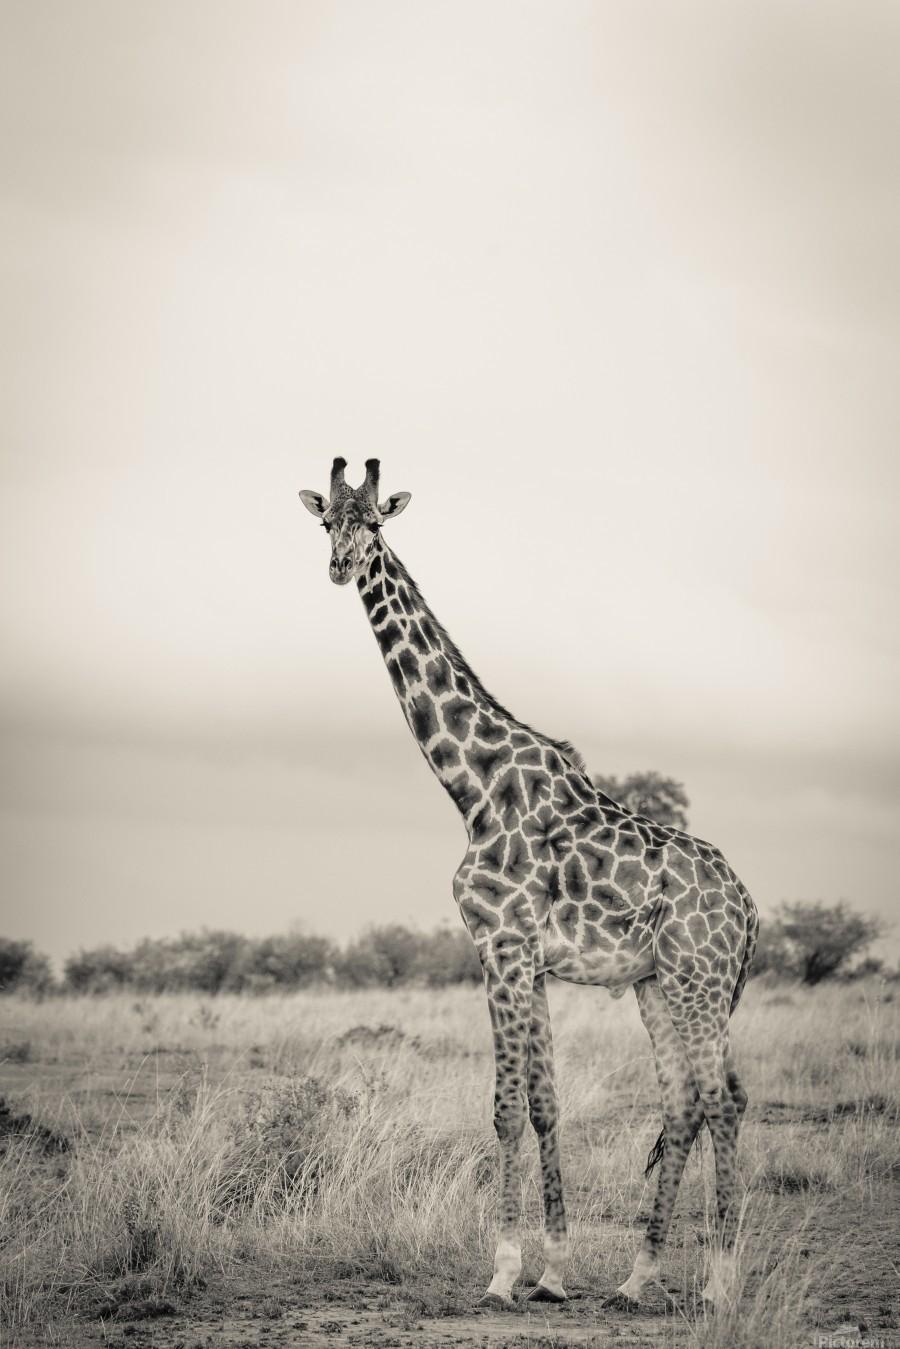 Majestic Giraffe by www.jadupontphoto.com  Print